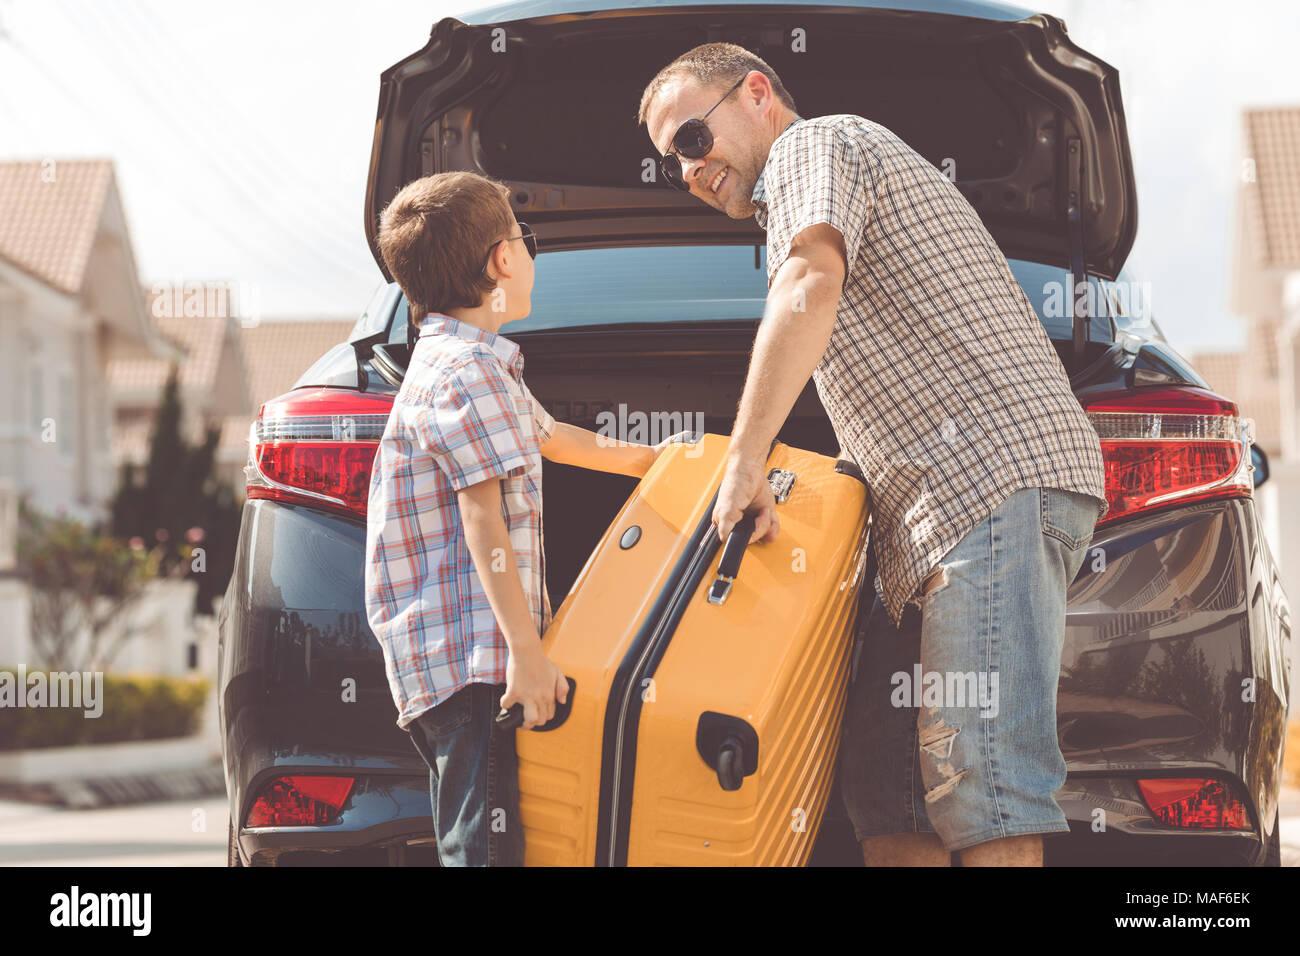 Heureux père et fils se préparer pour road trip sur une journée ensoleillée. Concept de famille accueillante. Photo Stock